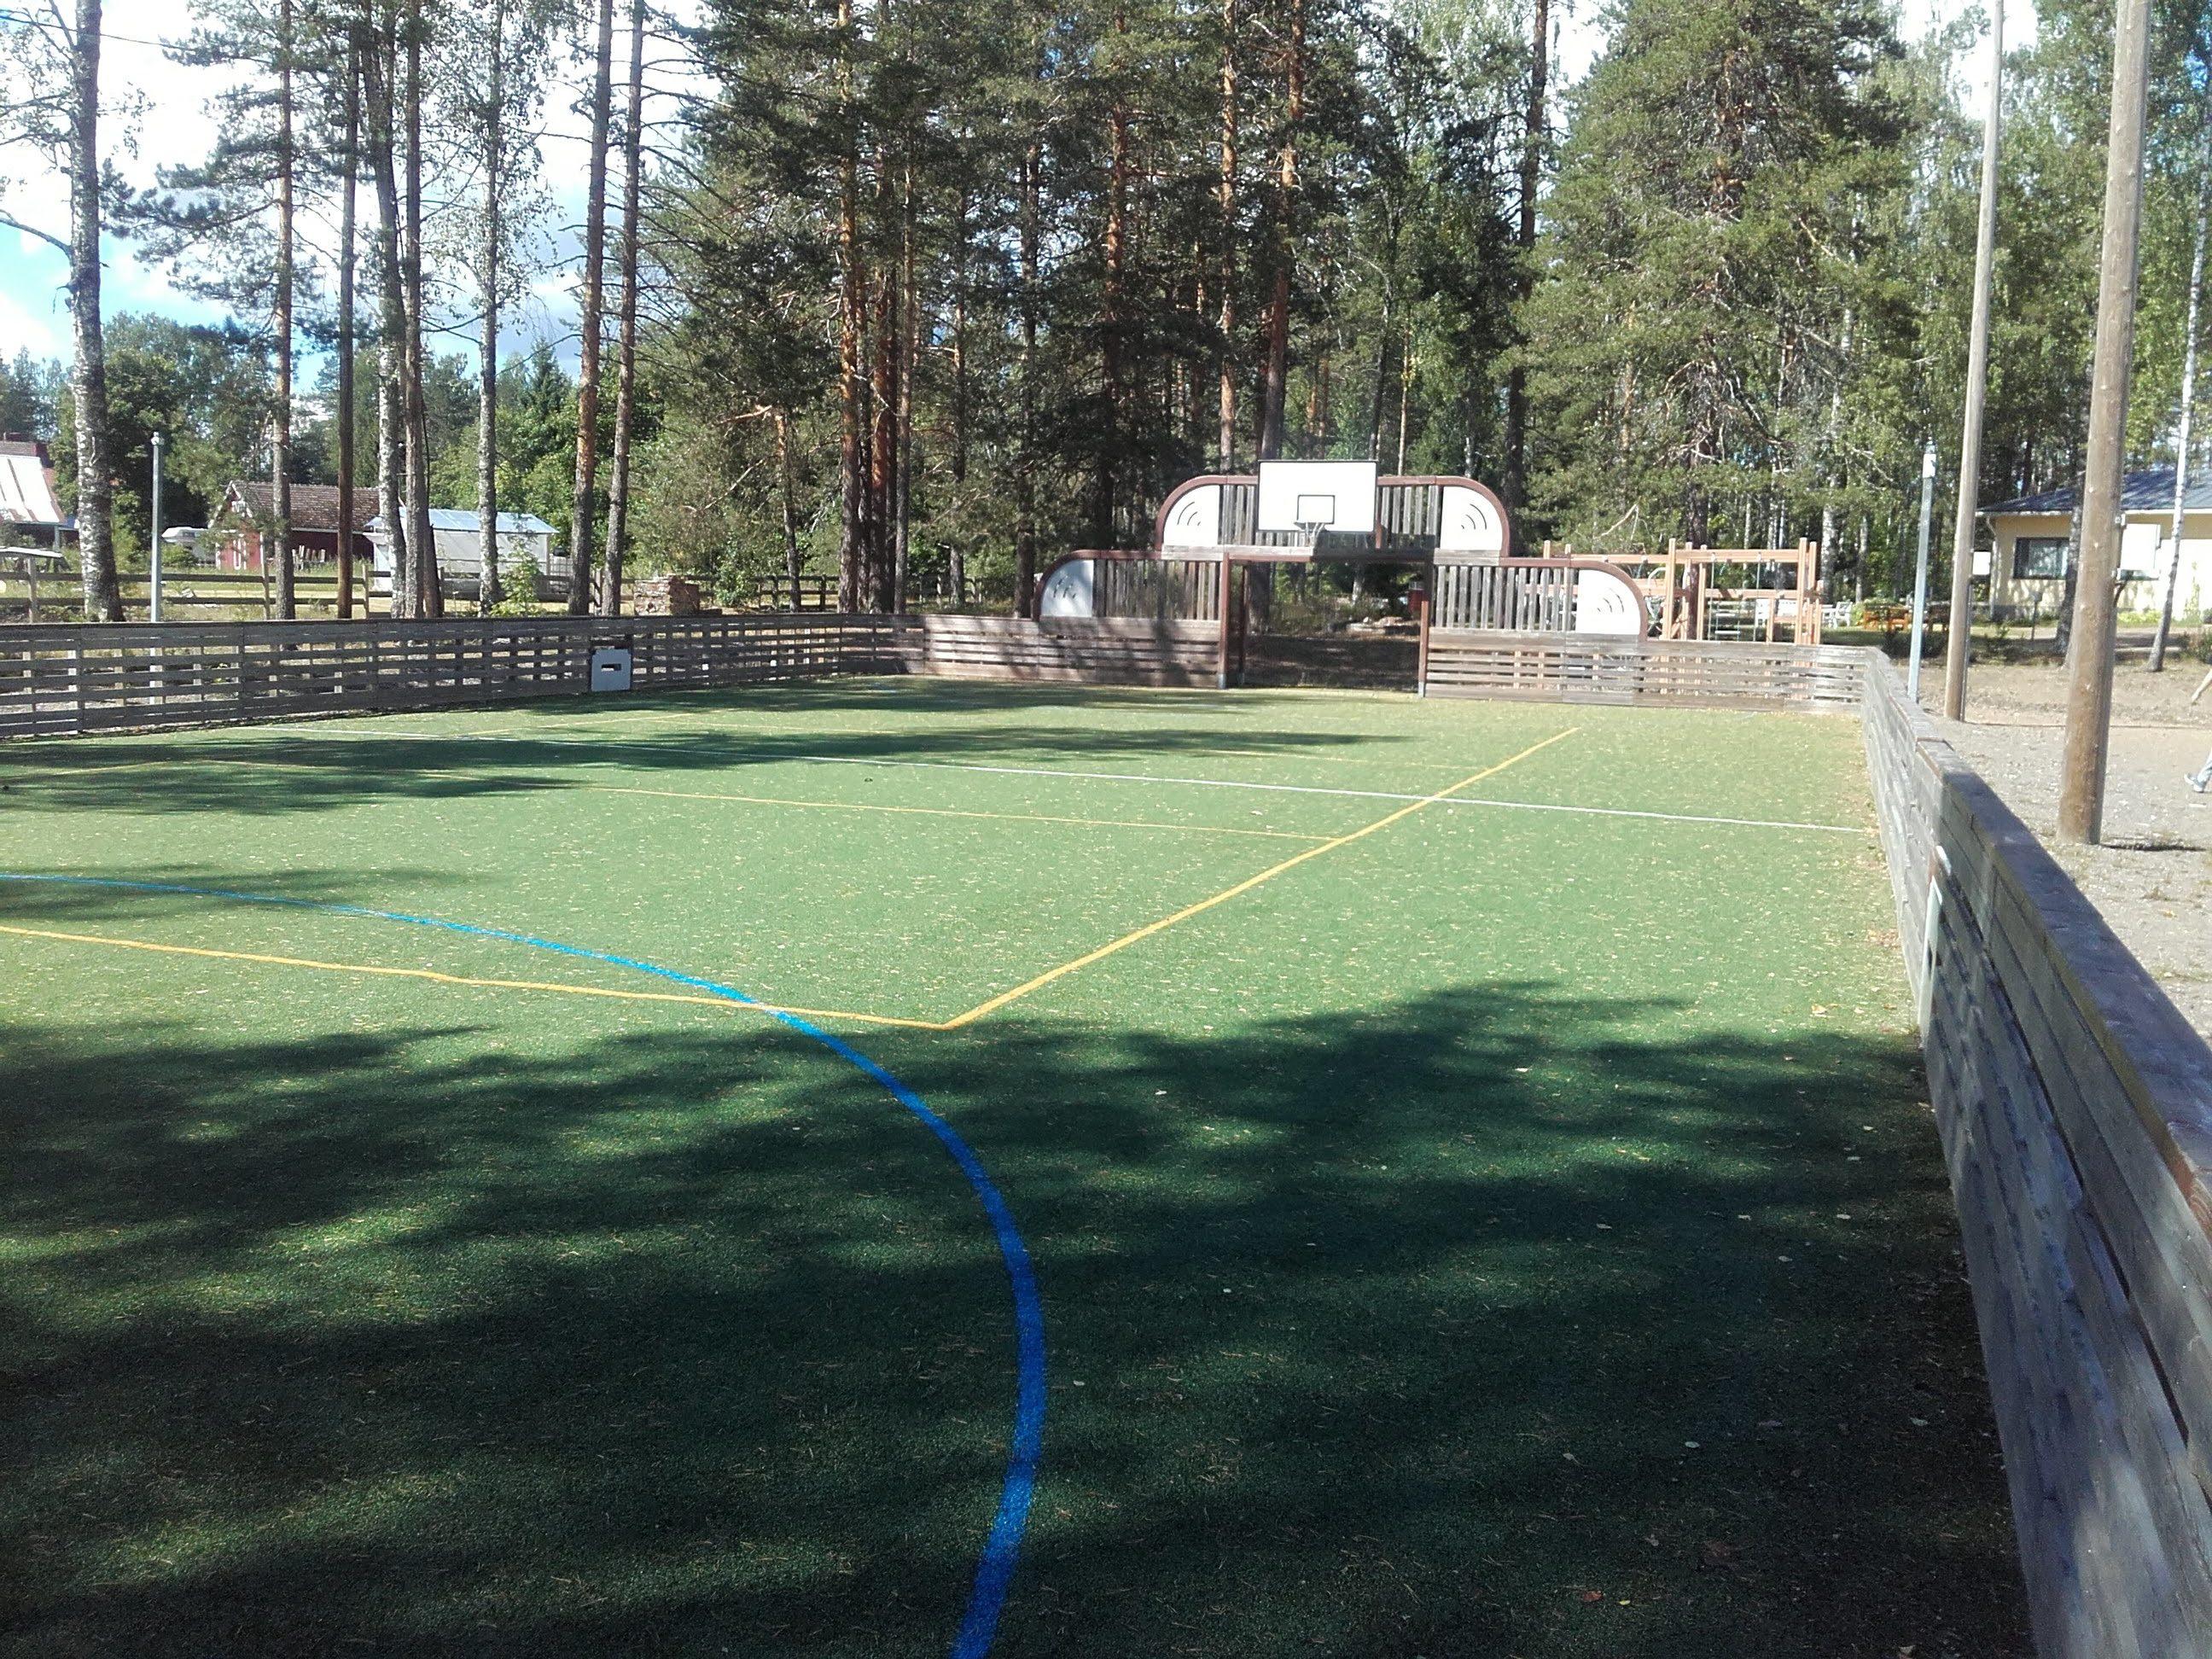 Aidattu tekonurmialue. Puiset laidat. Kentän toisessa päässä koripalloteline sekä jalkapallomaali.